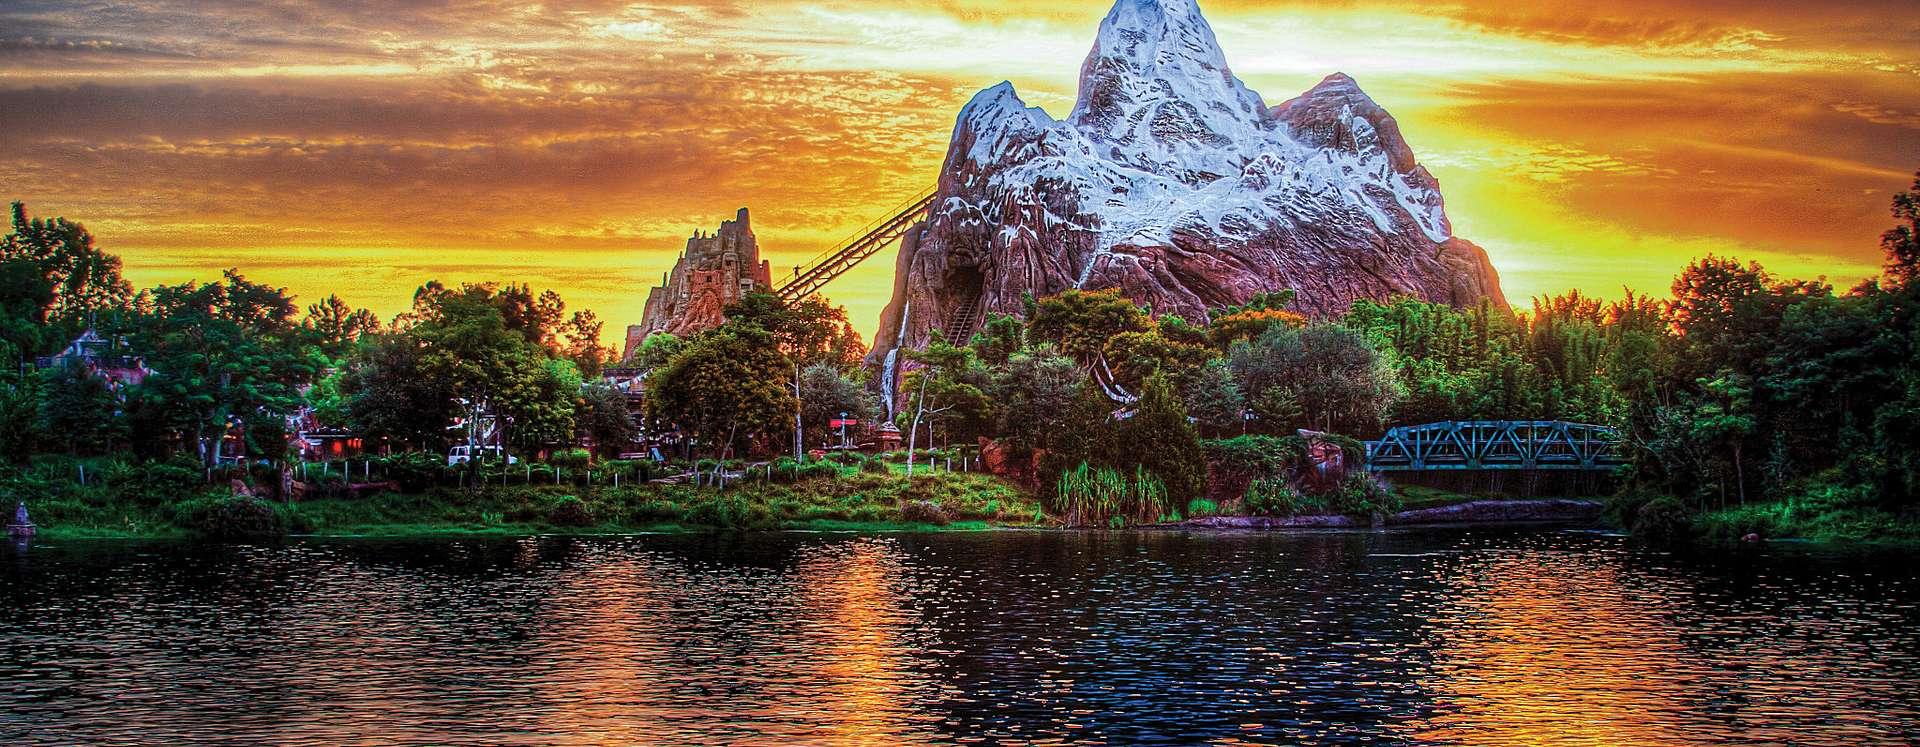 Vista al lago de expedición Everest en Animal Kingdom en Walt Disney World Resort en Orlando, Florida